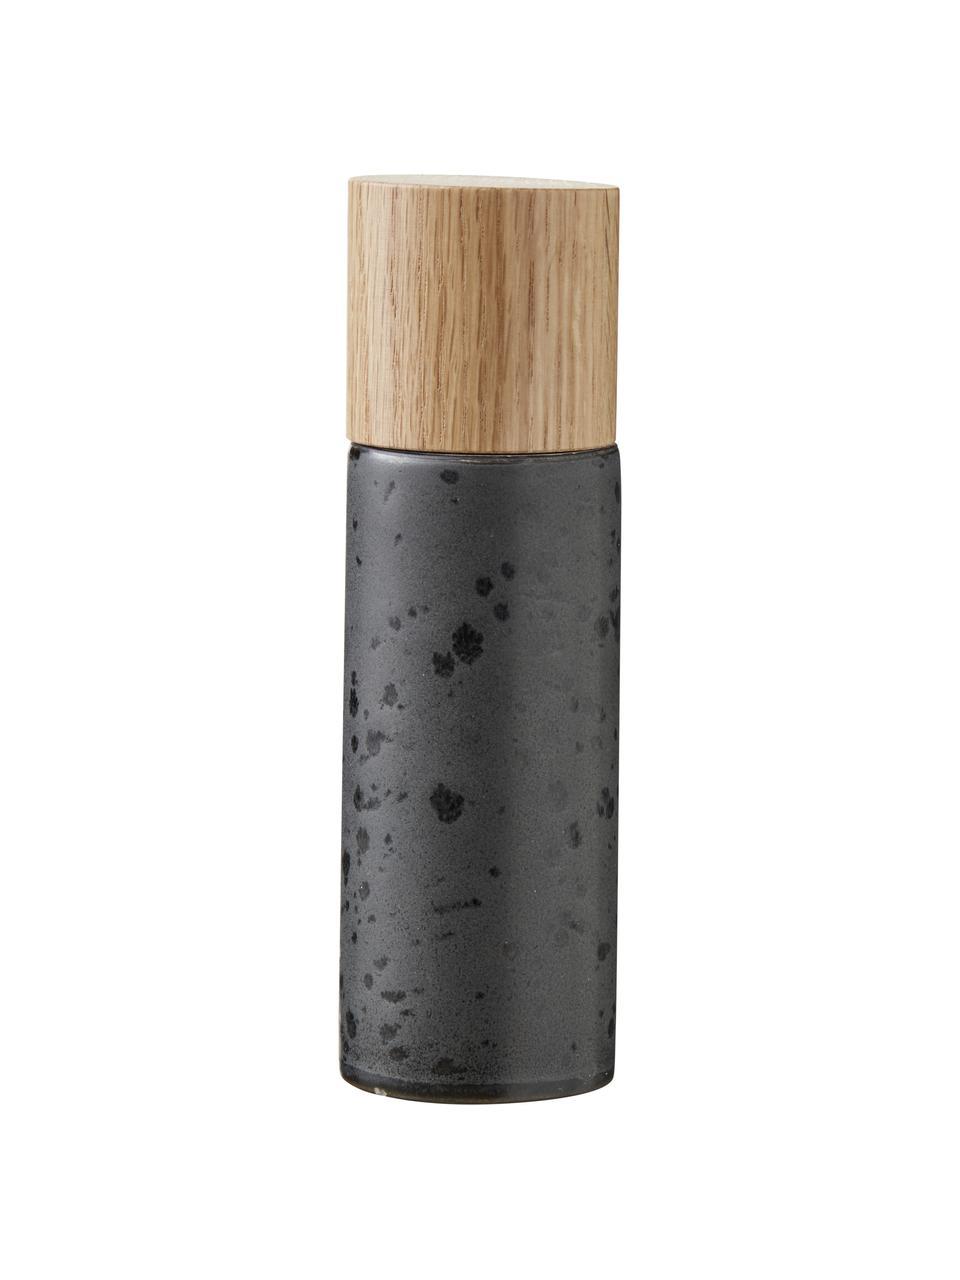 Steingut Salz- und Pfeffermühle Bizz mit Holzdeckel, 2er-Set, Deckel: Eichenholz, Mahlwerk: Keramik, Schwarz, Beige, Holz, Ø 5 x H 17 cm